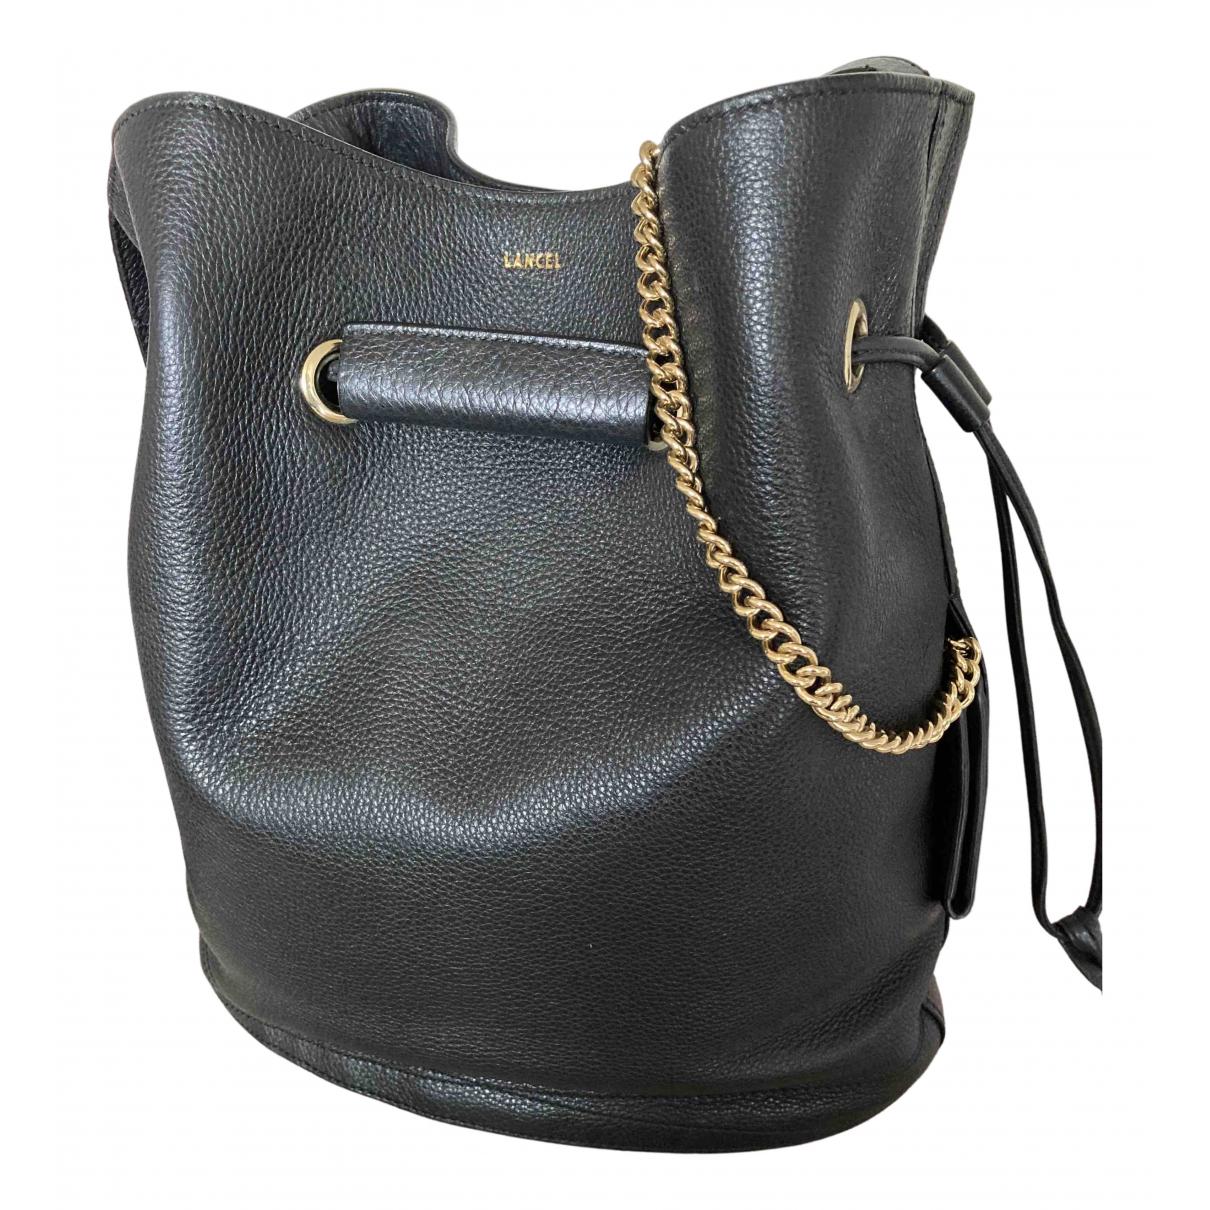 Lancel - Sac a main Huit pour femme en cuir - noir